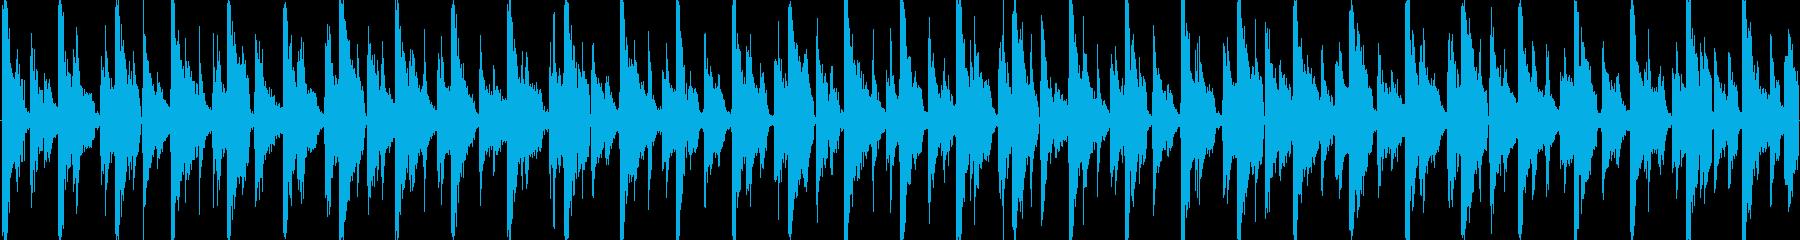 ハウス風のリズムを基調としたループ楽曲…の再生済みの波形